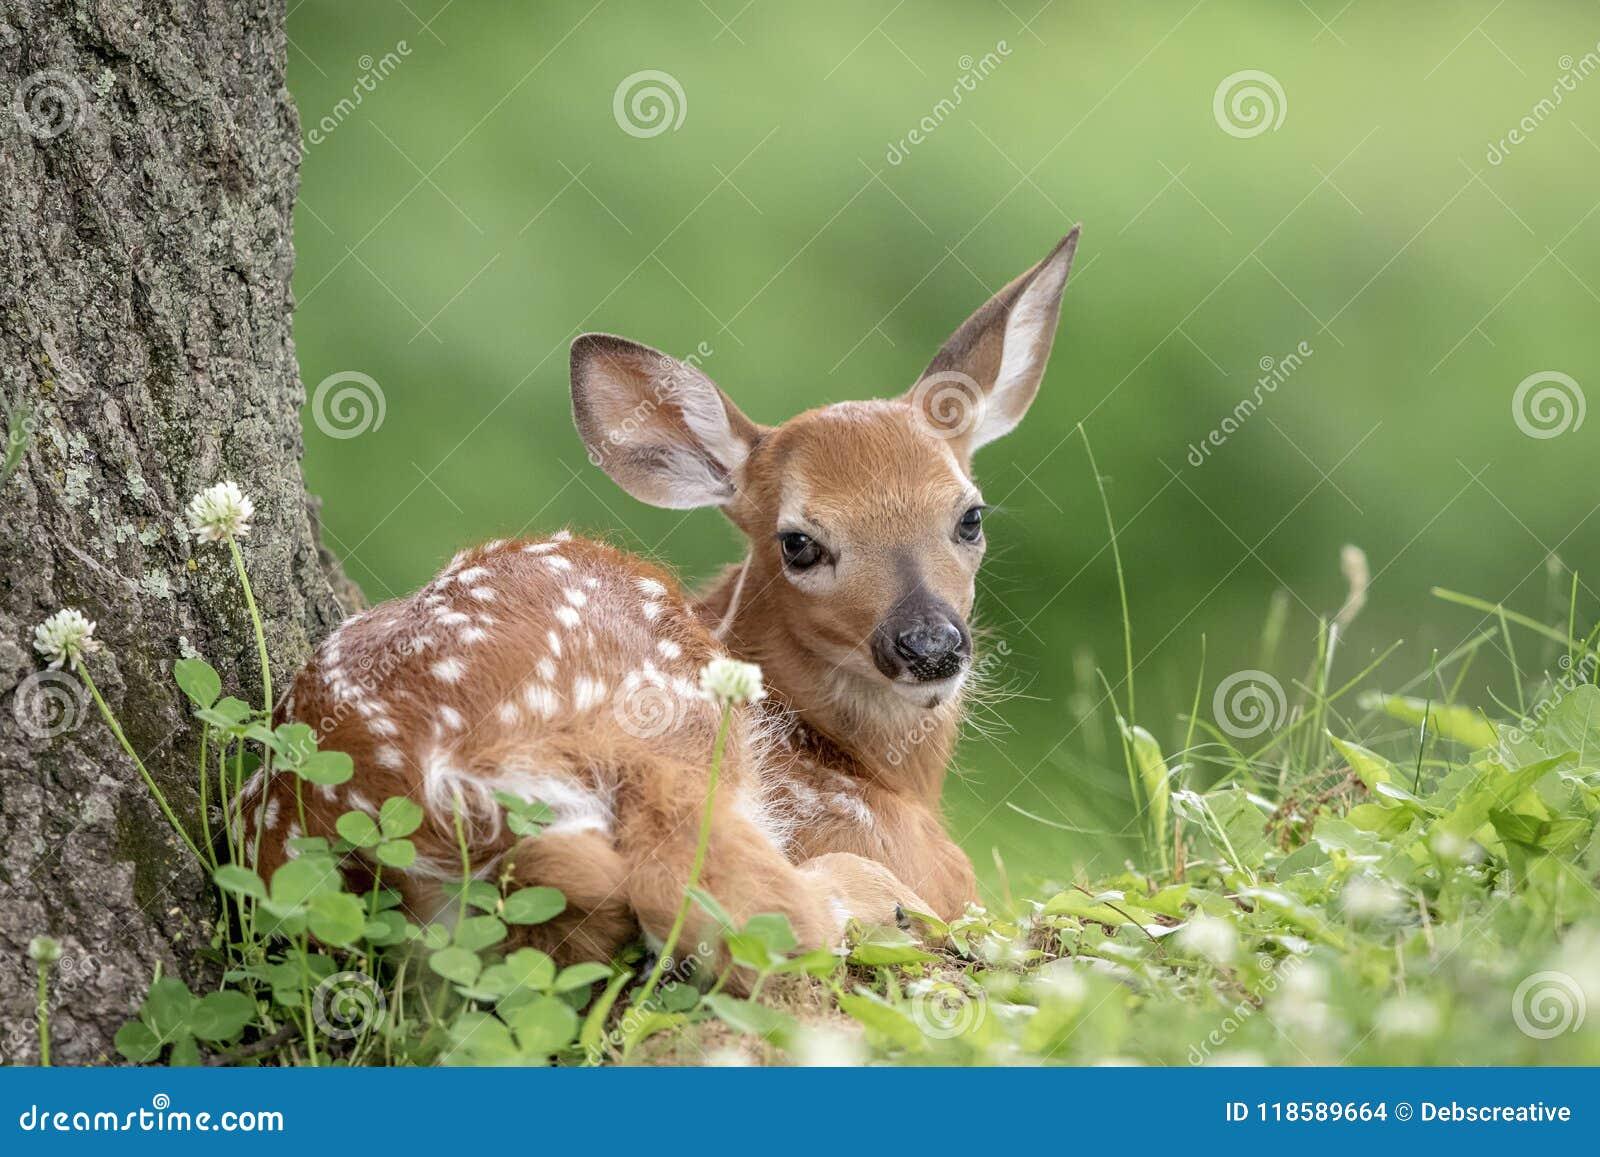 Faon Blanc-coupé la queue de cerfs communs dans Poughkeepsie, NY